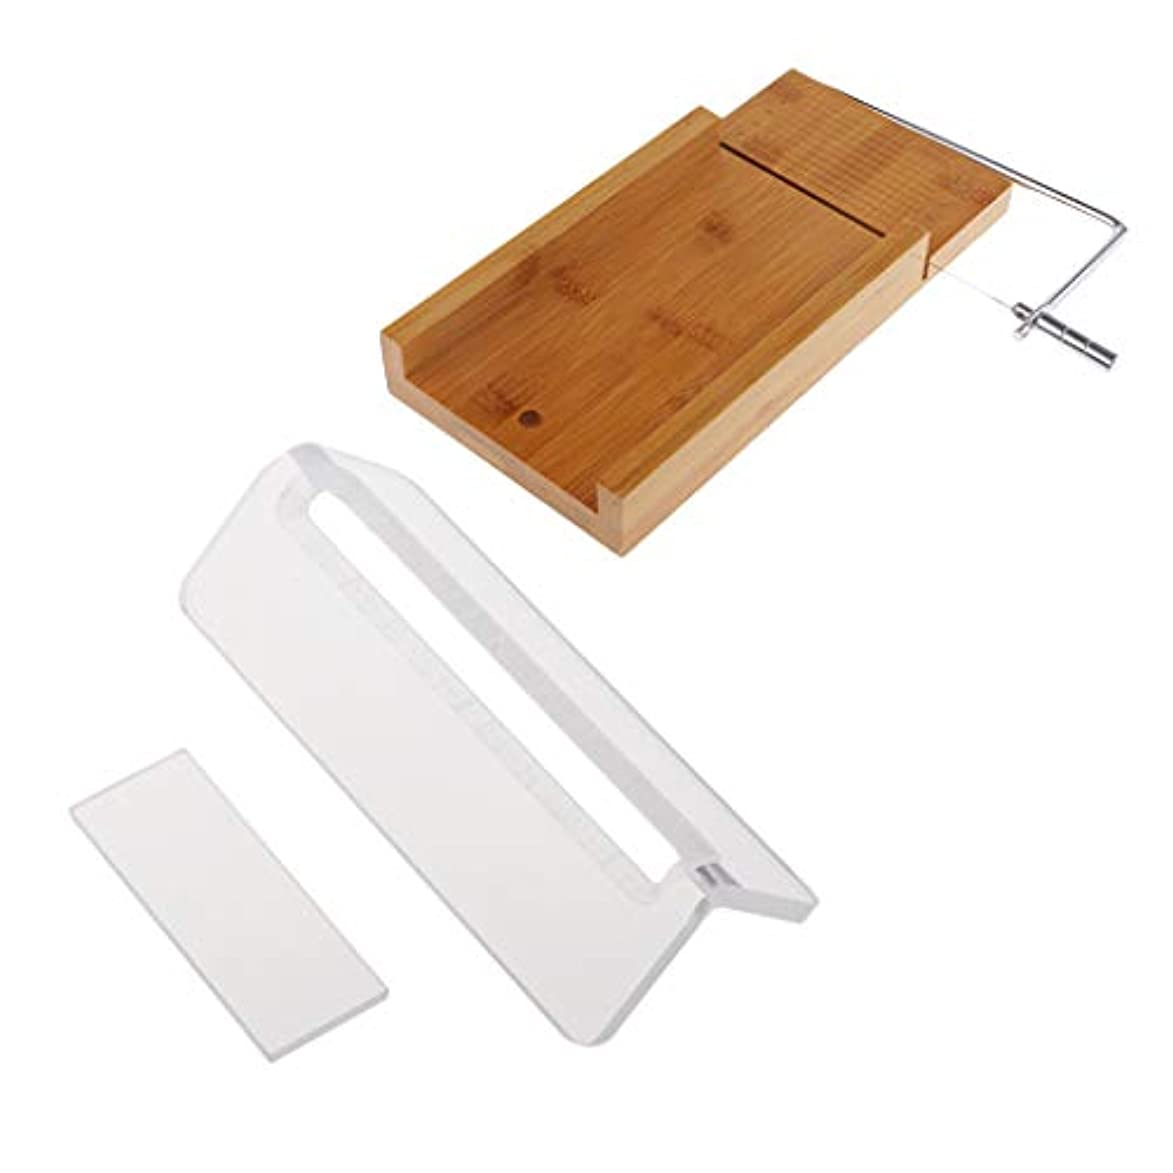 テキストスマイル強化する石鹸カッター 木製 ローフカッター チーズカッター ソープカッター ステンレス鋼線 2個入り